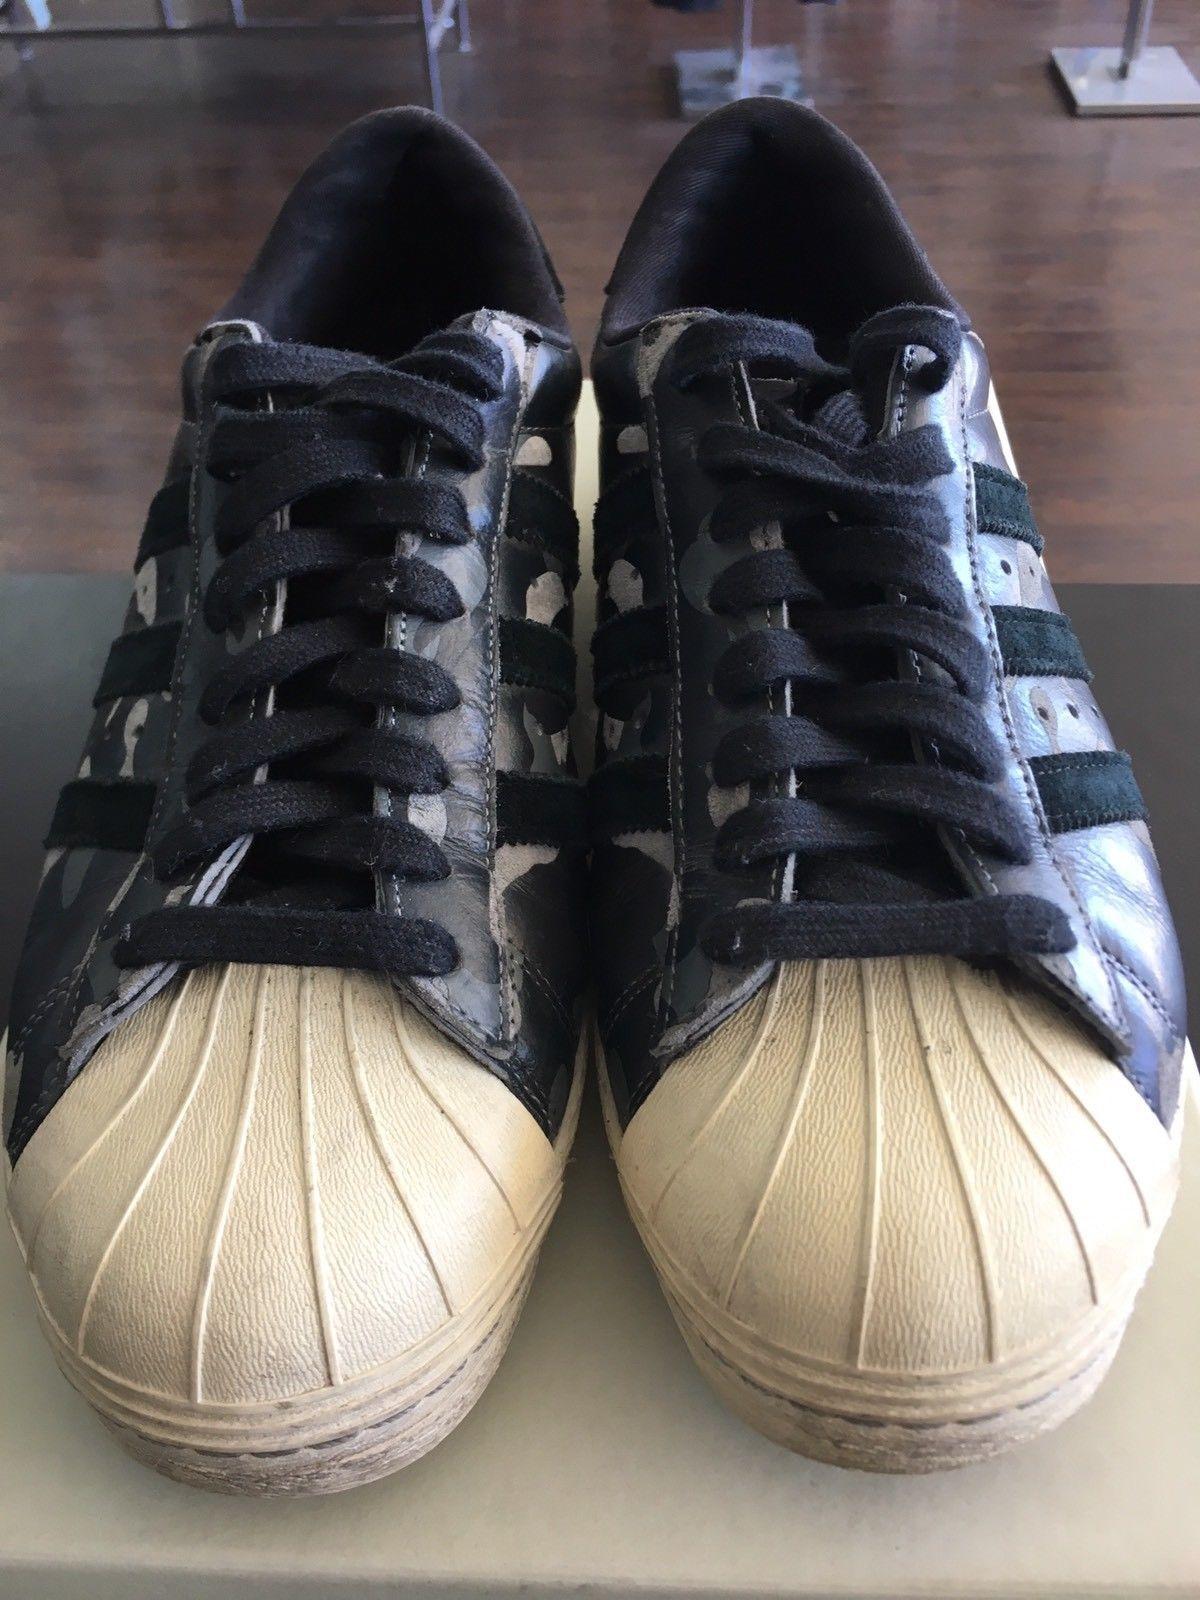 half off 83910 2b28c Details about Adidas Men's Black/White Superstar 80's DECON ...